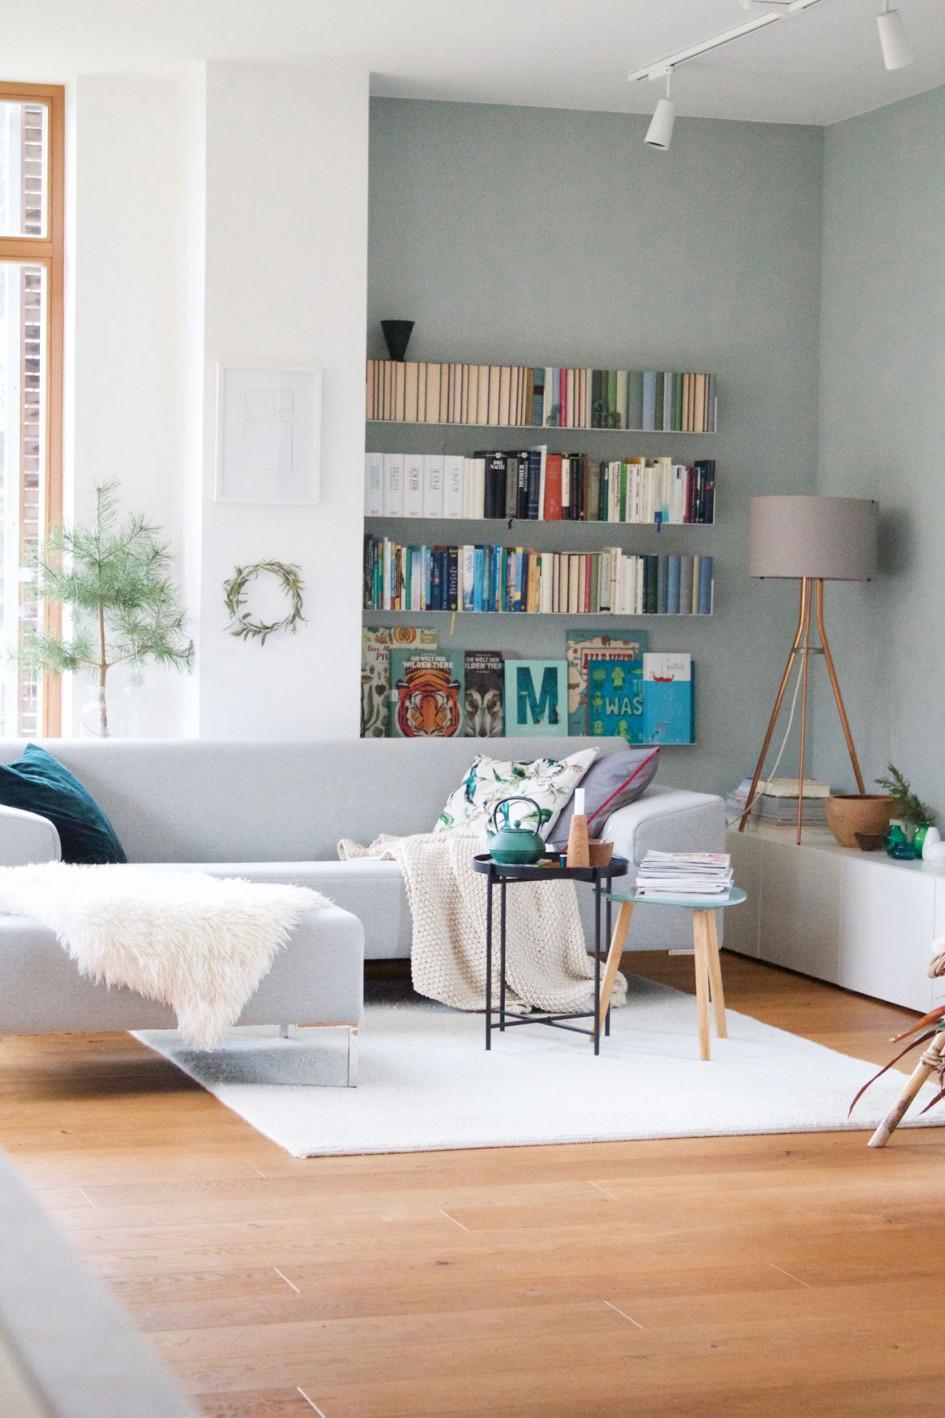 Die Schönsten Ideen Für Die Wandfarbe Im Wohnzimmer von Wohnzimmer Farblich Gestalten Bild